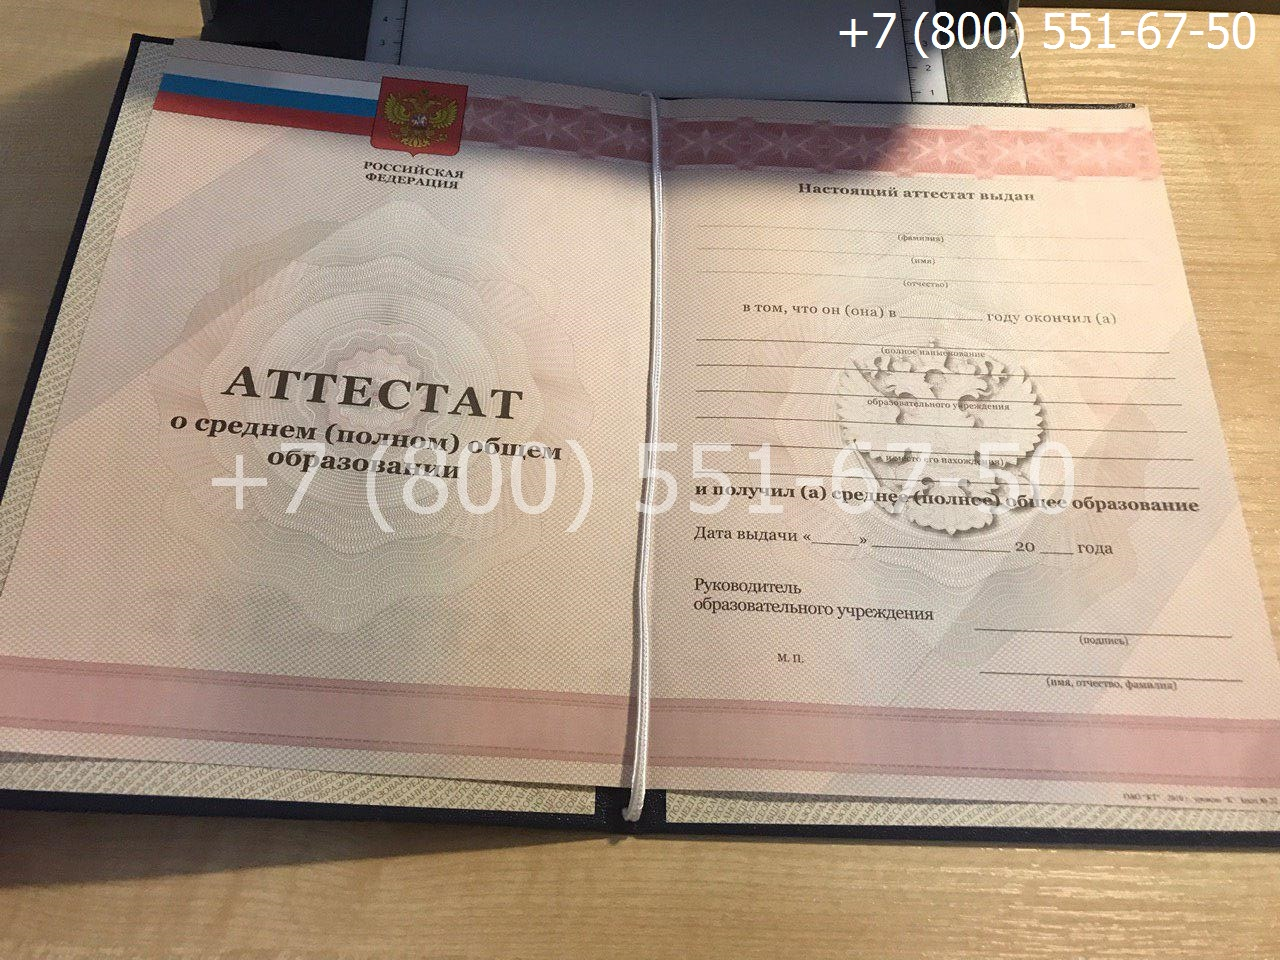 Аттестат 11 класс 2010-2013 годов, образец, титульный лист-1